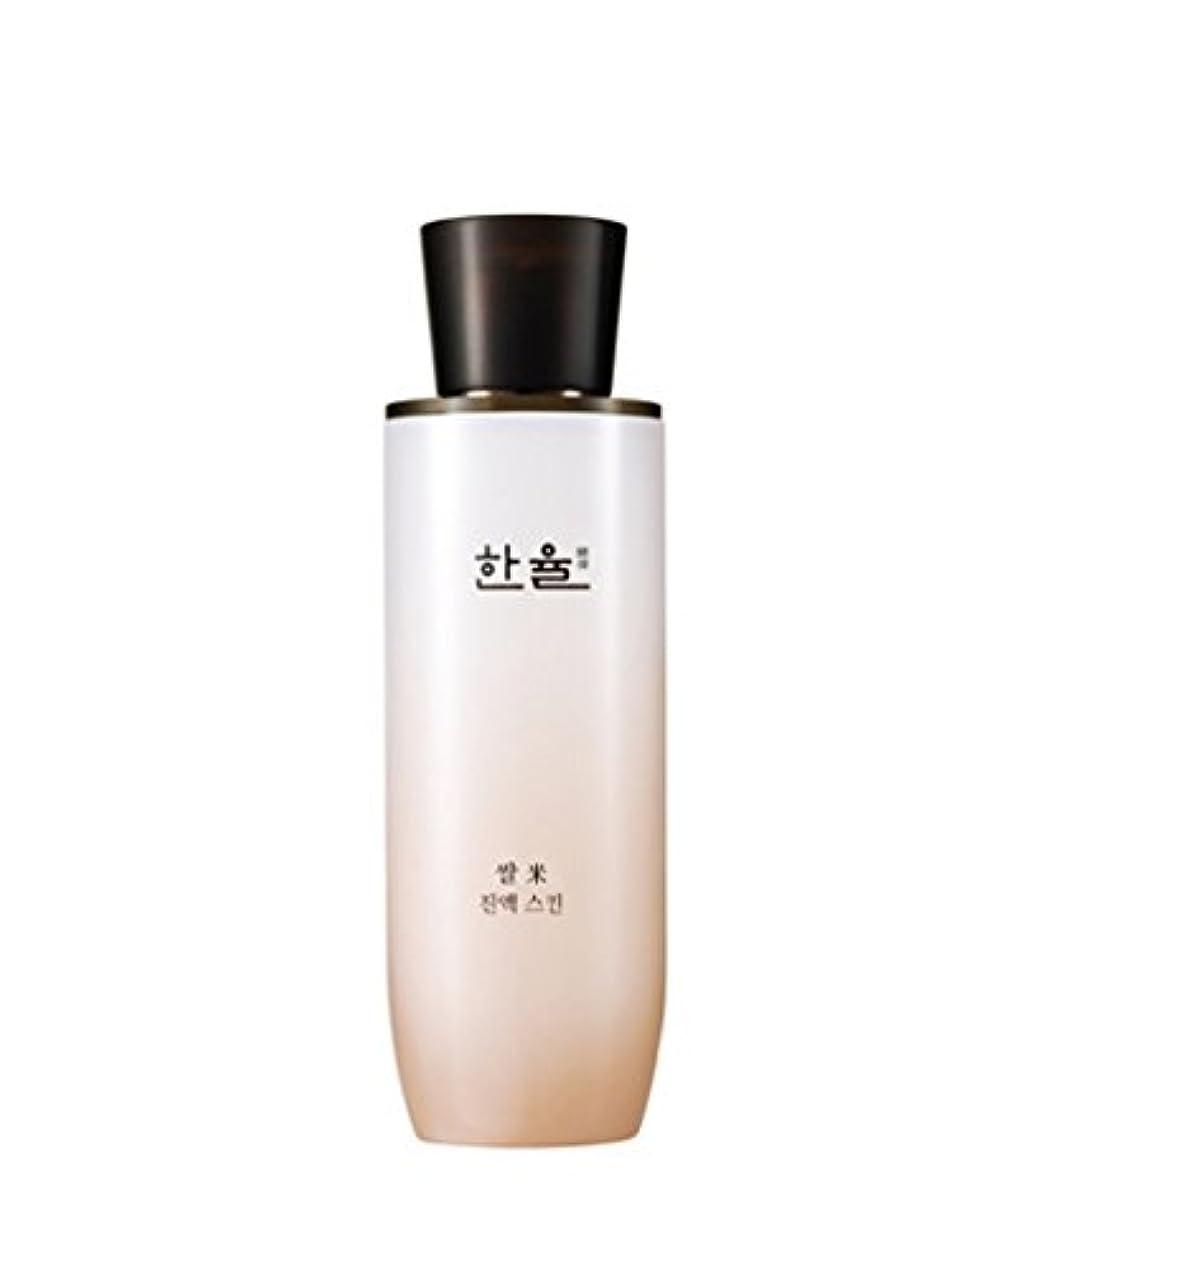 稼ぐ免疫する言うまでもなく(ハンユル) HANYUL 韓律ライス(米) 津液スキン150ml or 津液エマルジョン125ml/Rice Essential Skin Softner or Emulsion 海外直送品 (津液スキン150ml)